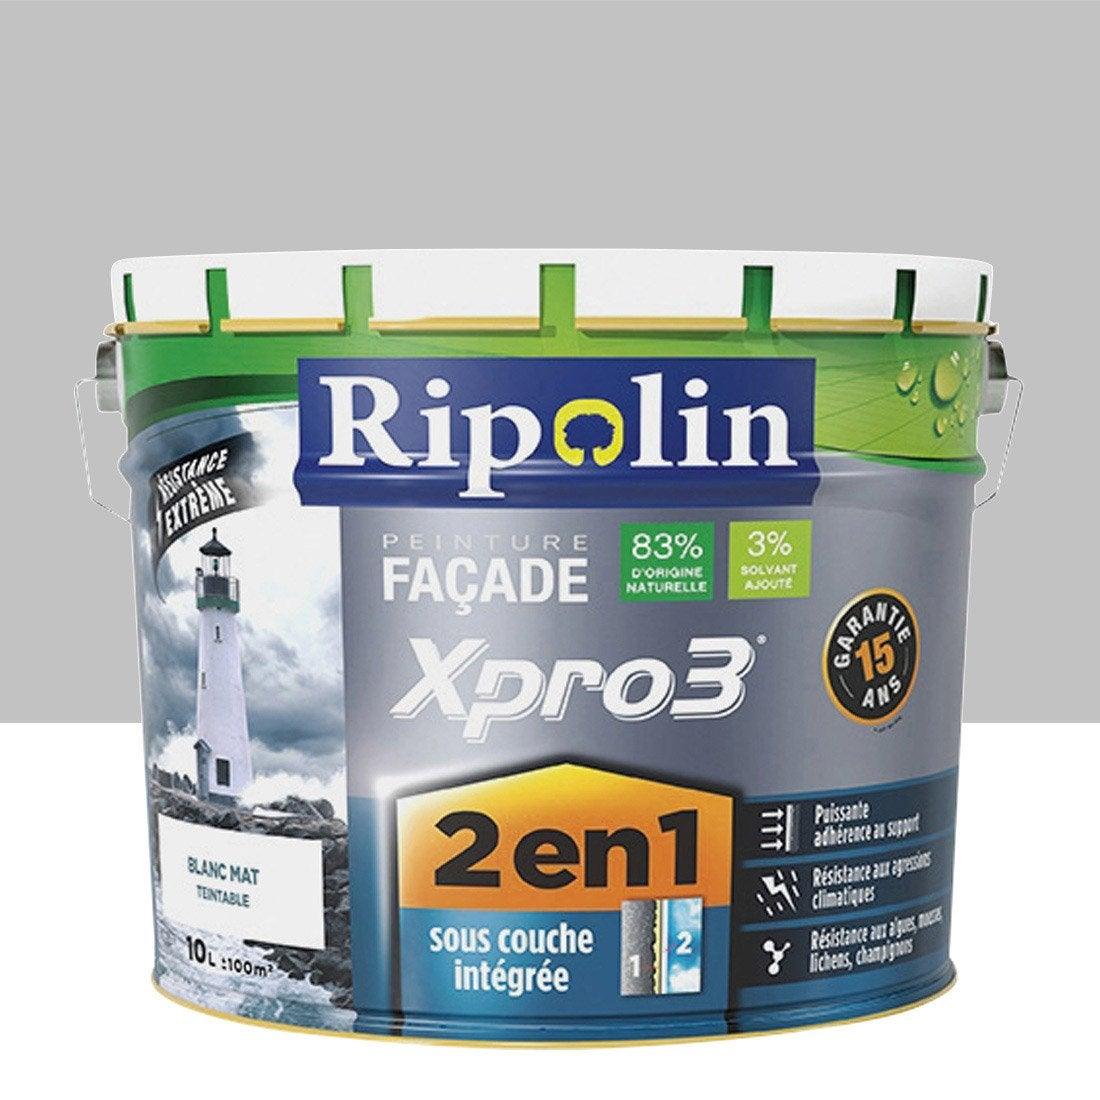 Peinture fa ade 2en1 xpro3 ripolin gris granit 10 l for Peinture mur gris anthracite